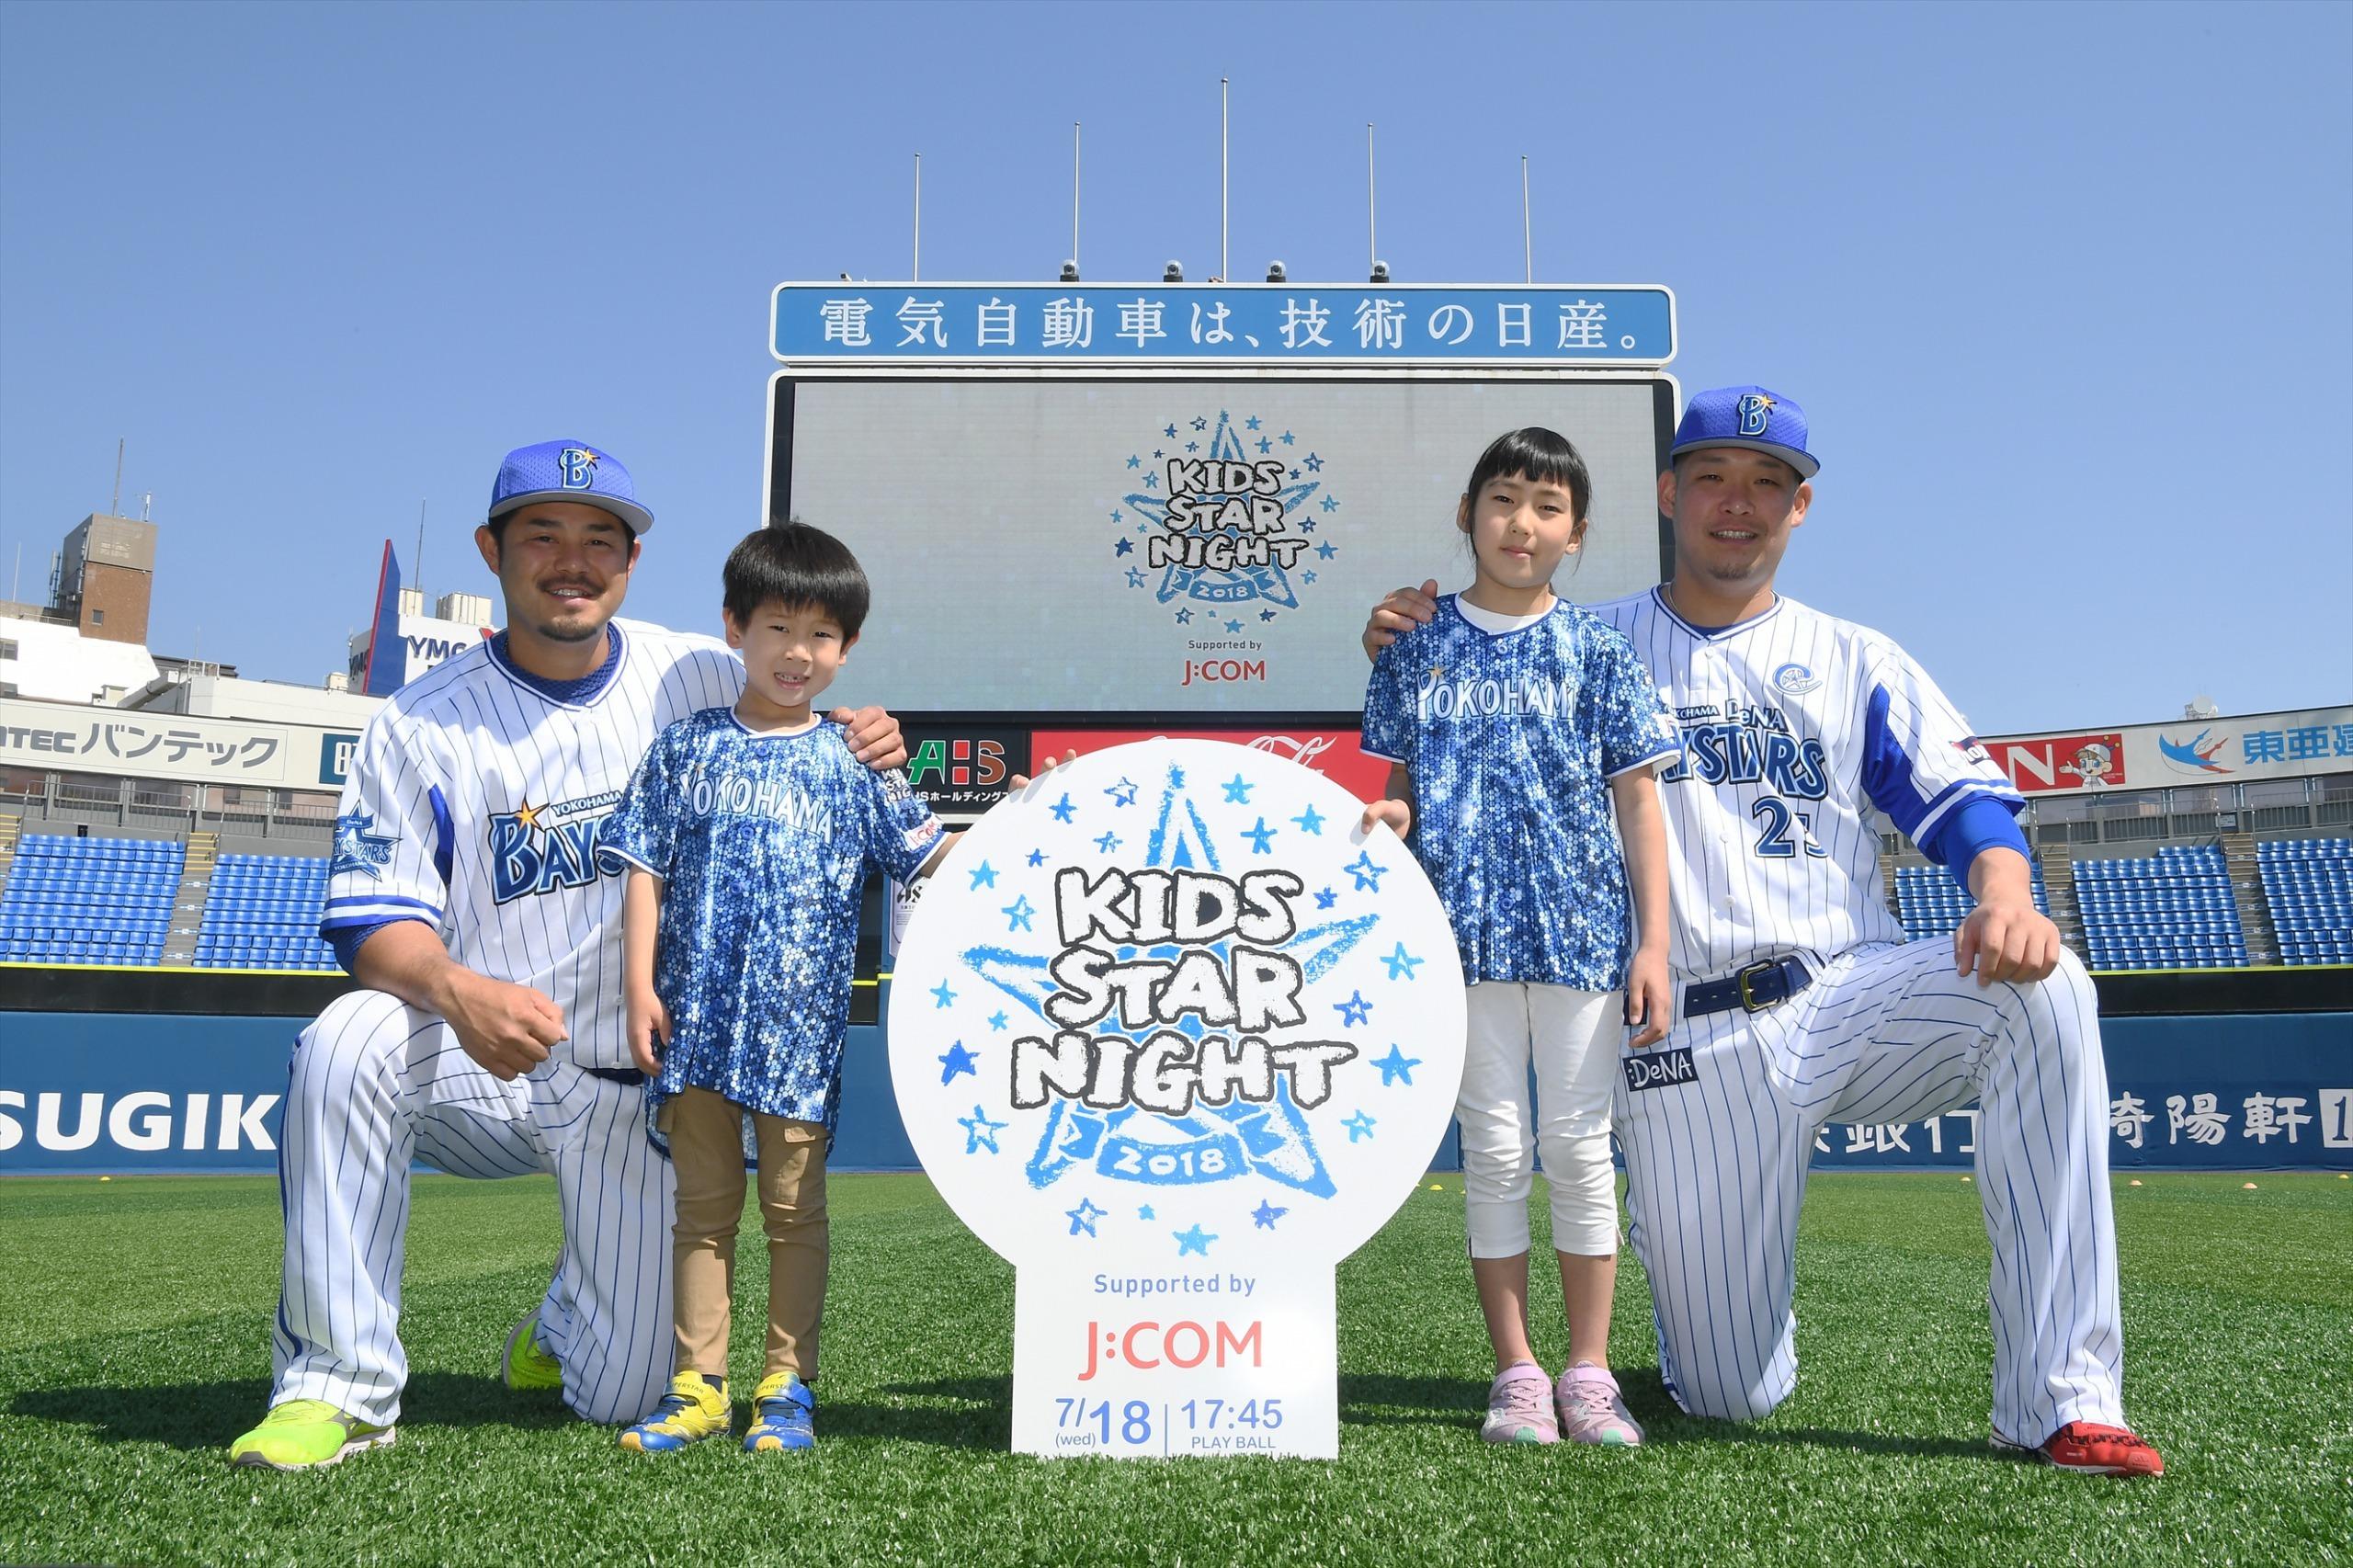 7月18日(水)の東京ヤクルトスワローズ戦で、子ども向けスペシャルイベント『キッズSTAR☆NIGHT 2018 Supported by J:COM』を開催 (c)YDB